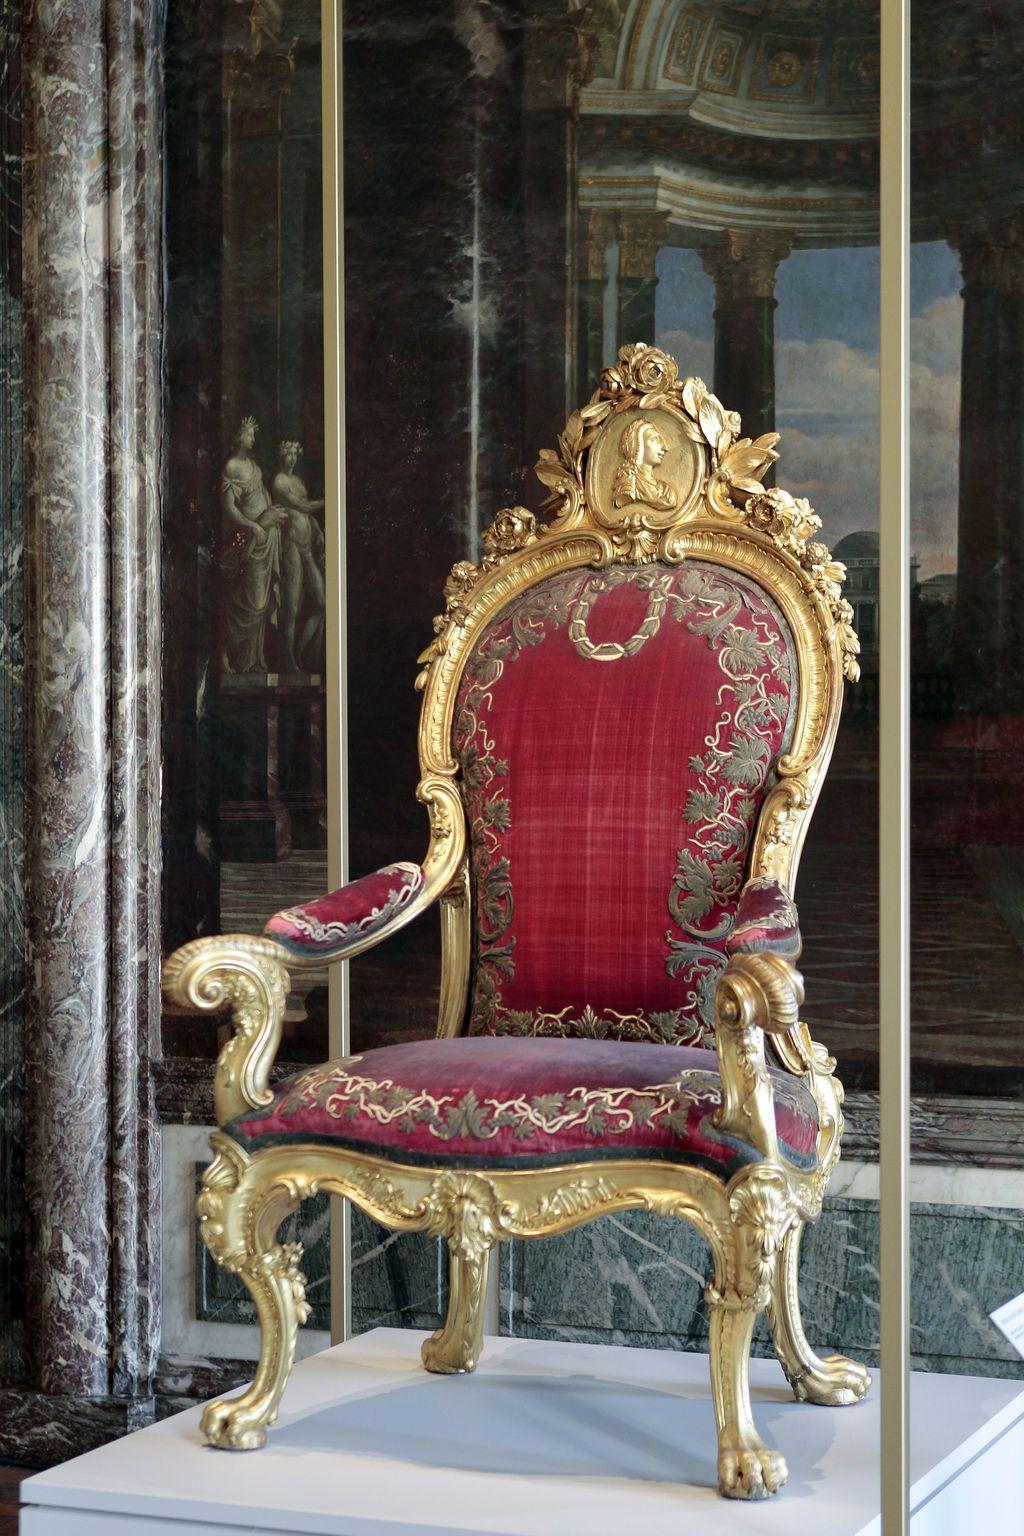 Les Tresors Du Chateau De Versailles France 5 Les Secrets D Salon Del Trono Muebles Finos Muebles